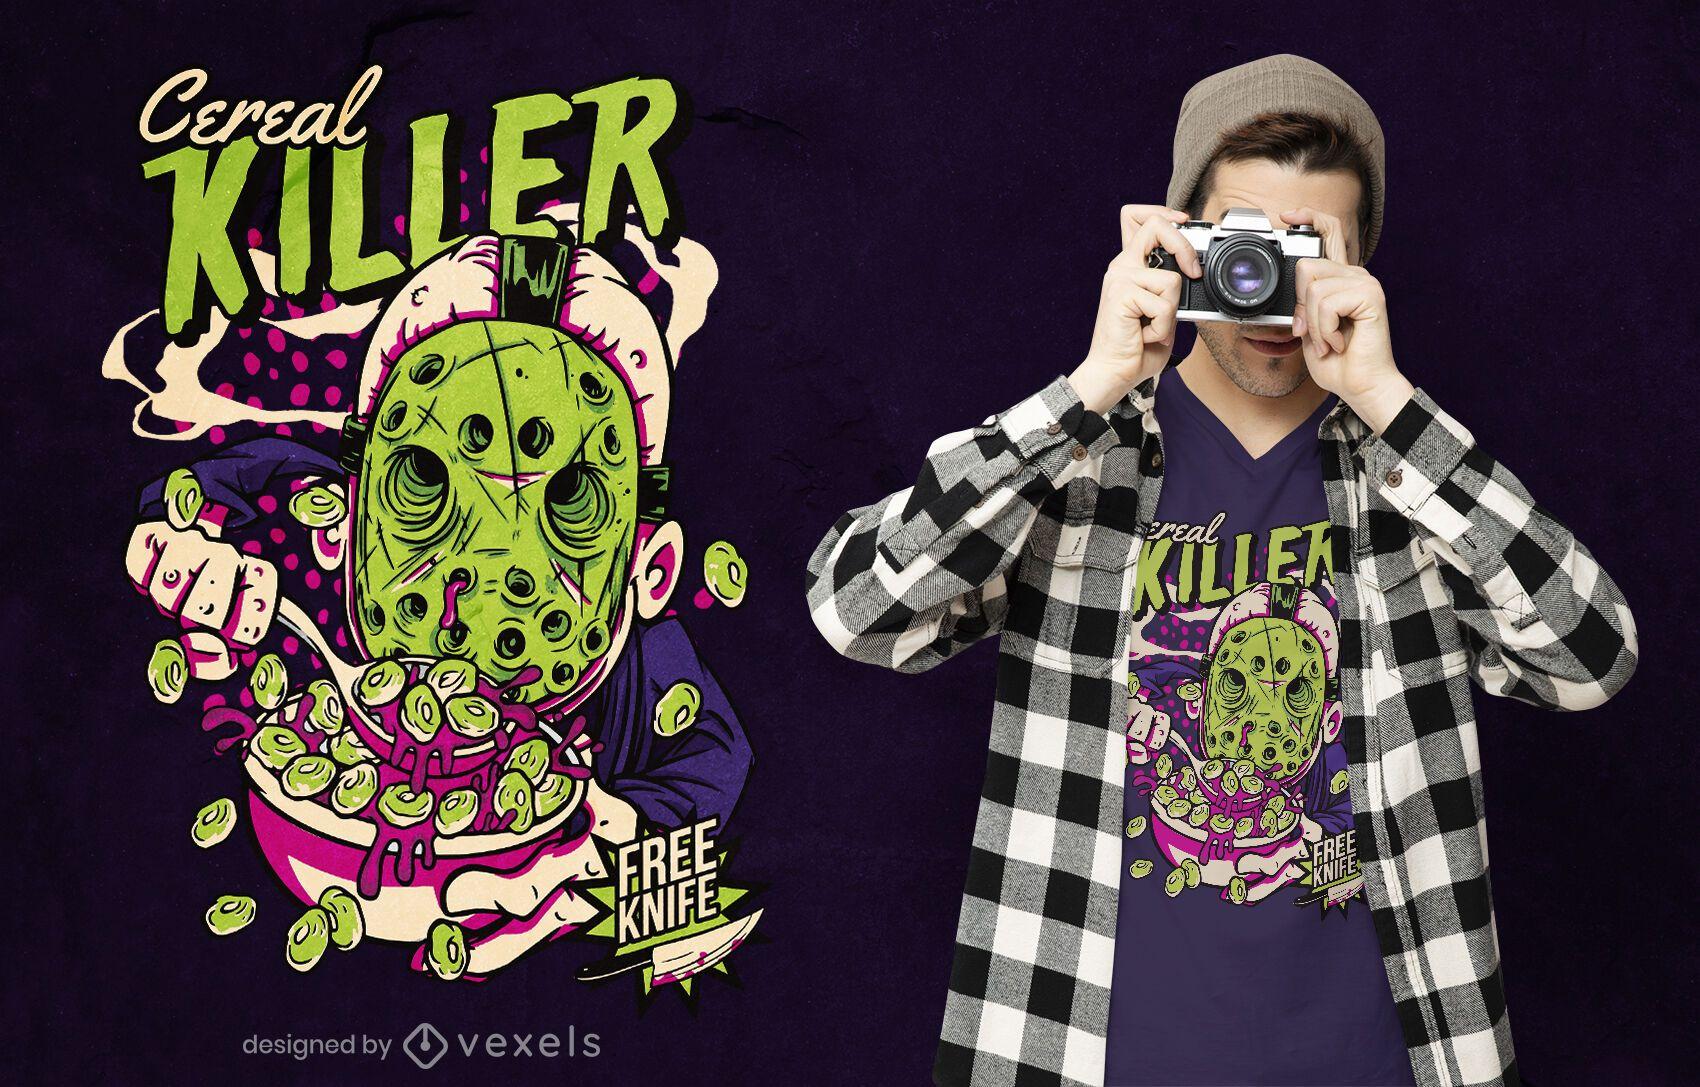 Funny cereal killer t-shirt design